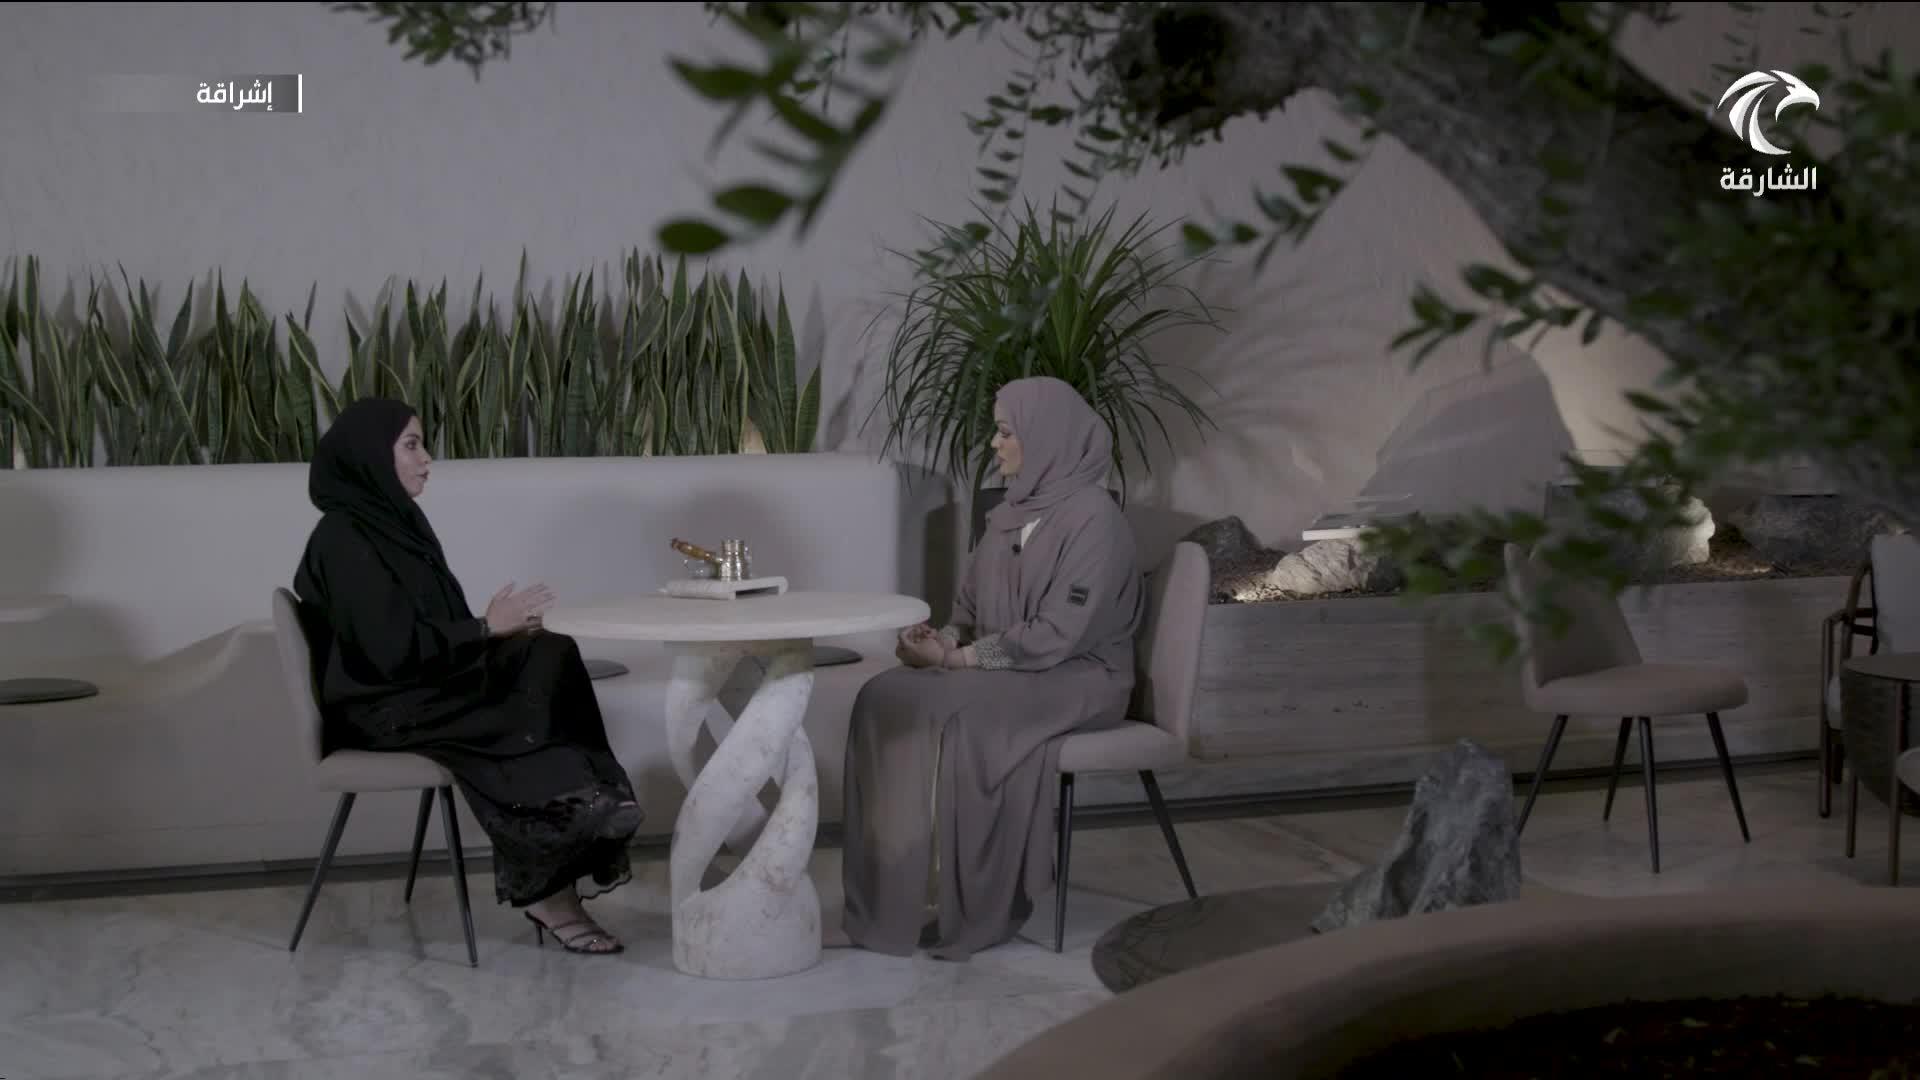 د.مريم الهاشمي - ناقدة وأستاذة في كليات التقنية العليا